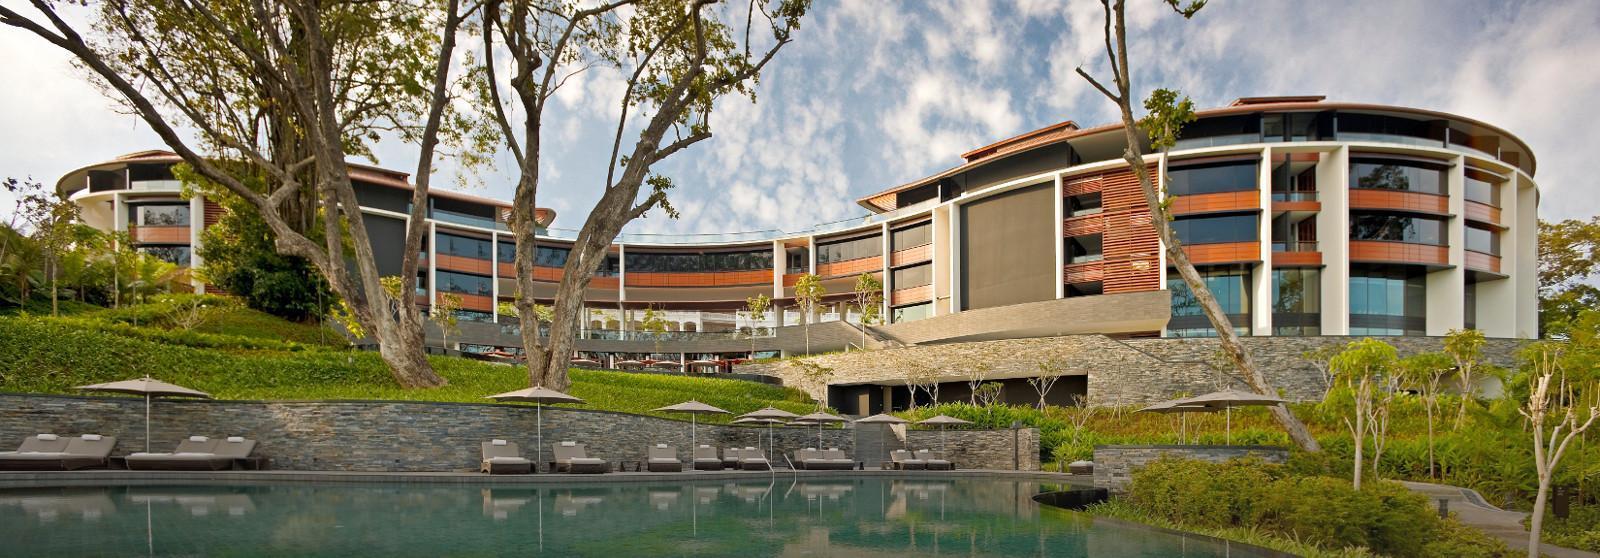 新加坡嘉佩乐酒店(Capella Singapore)【 新加坡,新加坡】朱家角安麓 酒店  www.lhw.cn